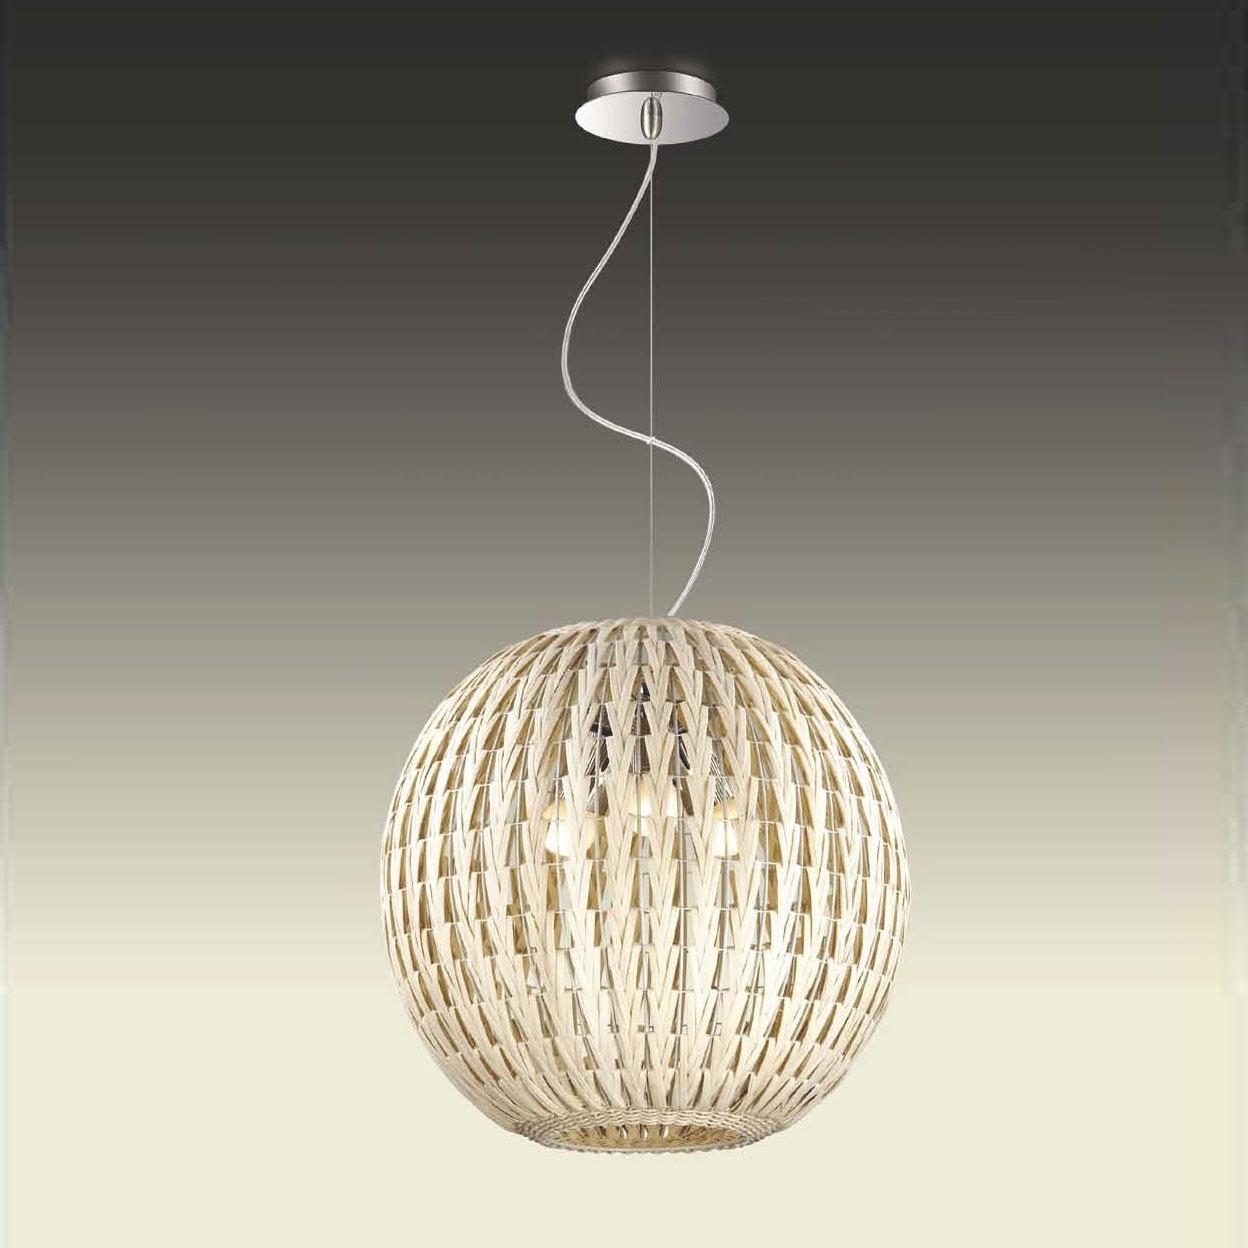 Подвесной  потолочный светильник 2492/3A Odeon Lightподвесные<br>2492/3A ODL13 667 никель/ротанг кремов Подвес  E27 3*60W 220V KENI. Бренд - Odeon Light. материал плафона - ротанг. цвет плафона - белый. тип цоколя - E27. тип лампы - галогеновая или LED. ширина/диаметр - 400. мощность - 60. количество ламп - 3.<br><br>популярные производители: Odeon Light<br>материал плафона: ротанг<br>цвет плафона: белый<br>тип цоколя: E27<br>тип лампы: галогеновая или LED<br>ширина/диаметр: 400<br>максимальная мощность лампочки: 60<br>количество лампочек: 3